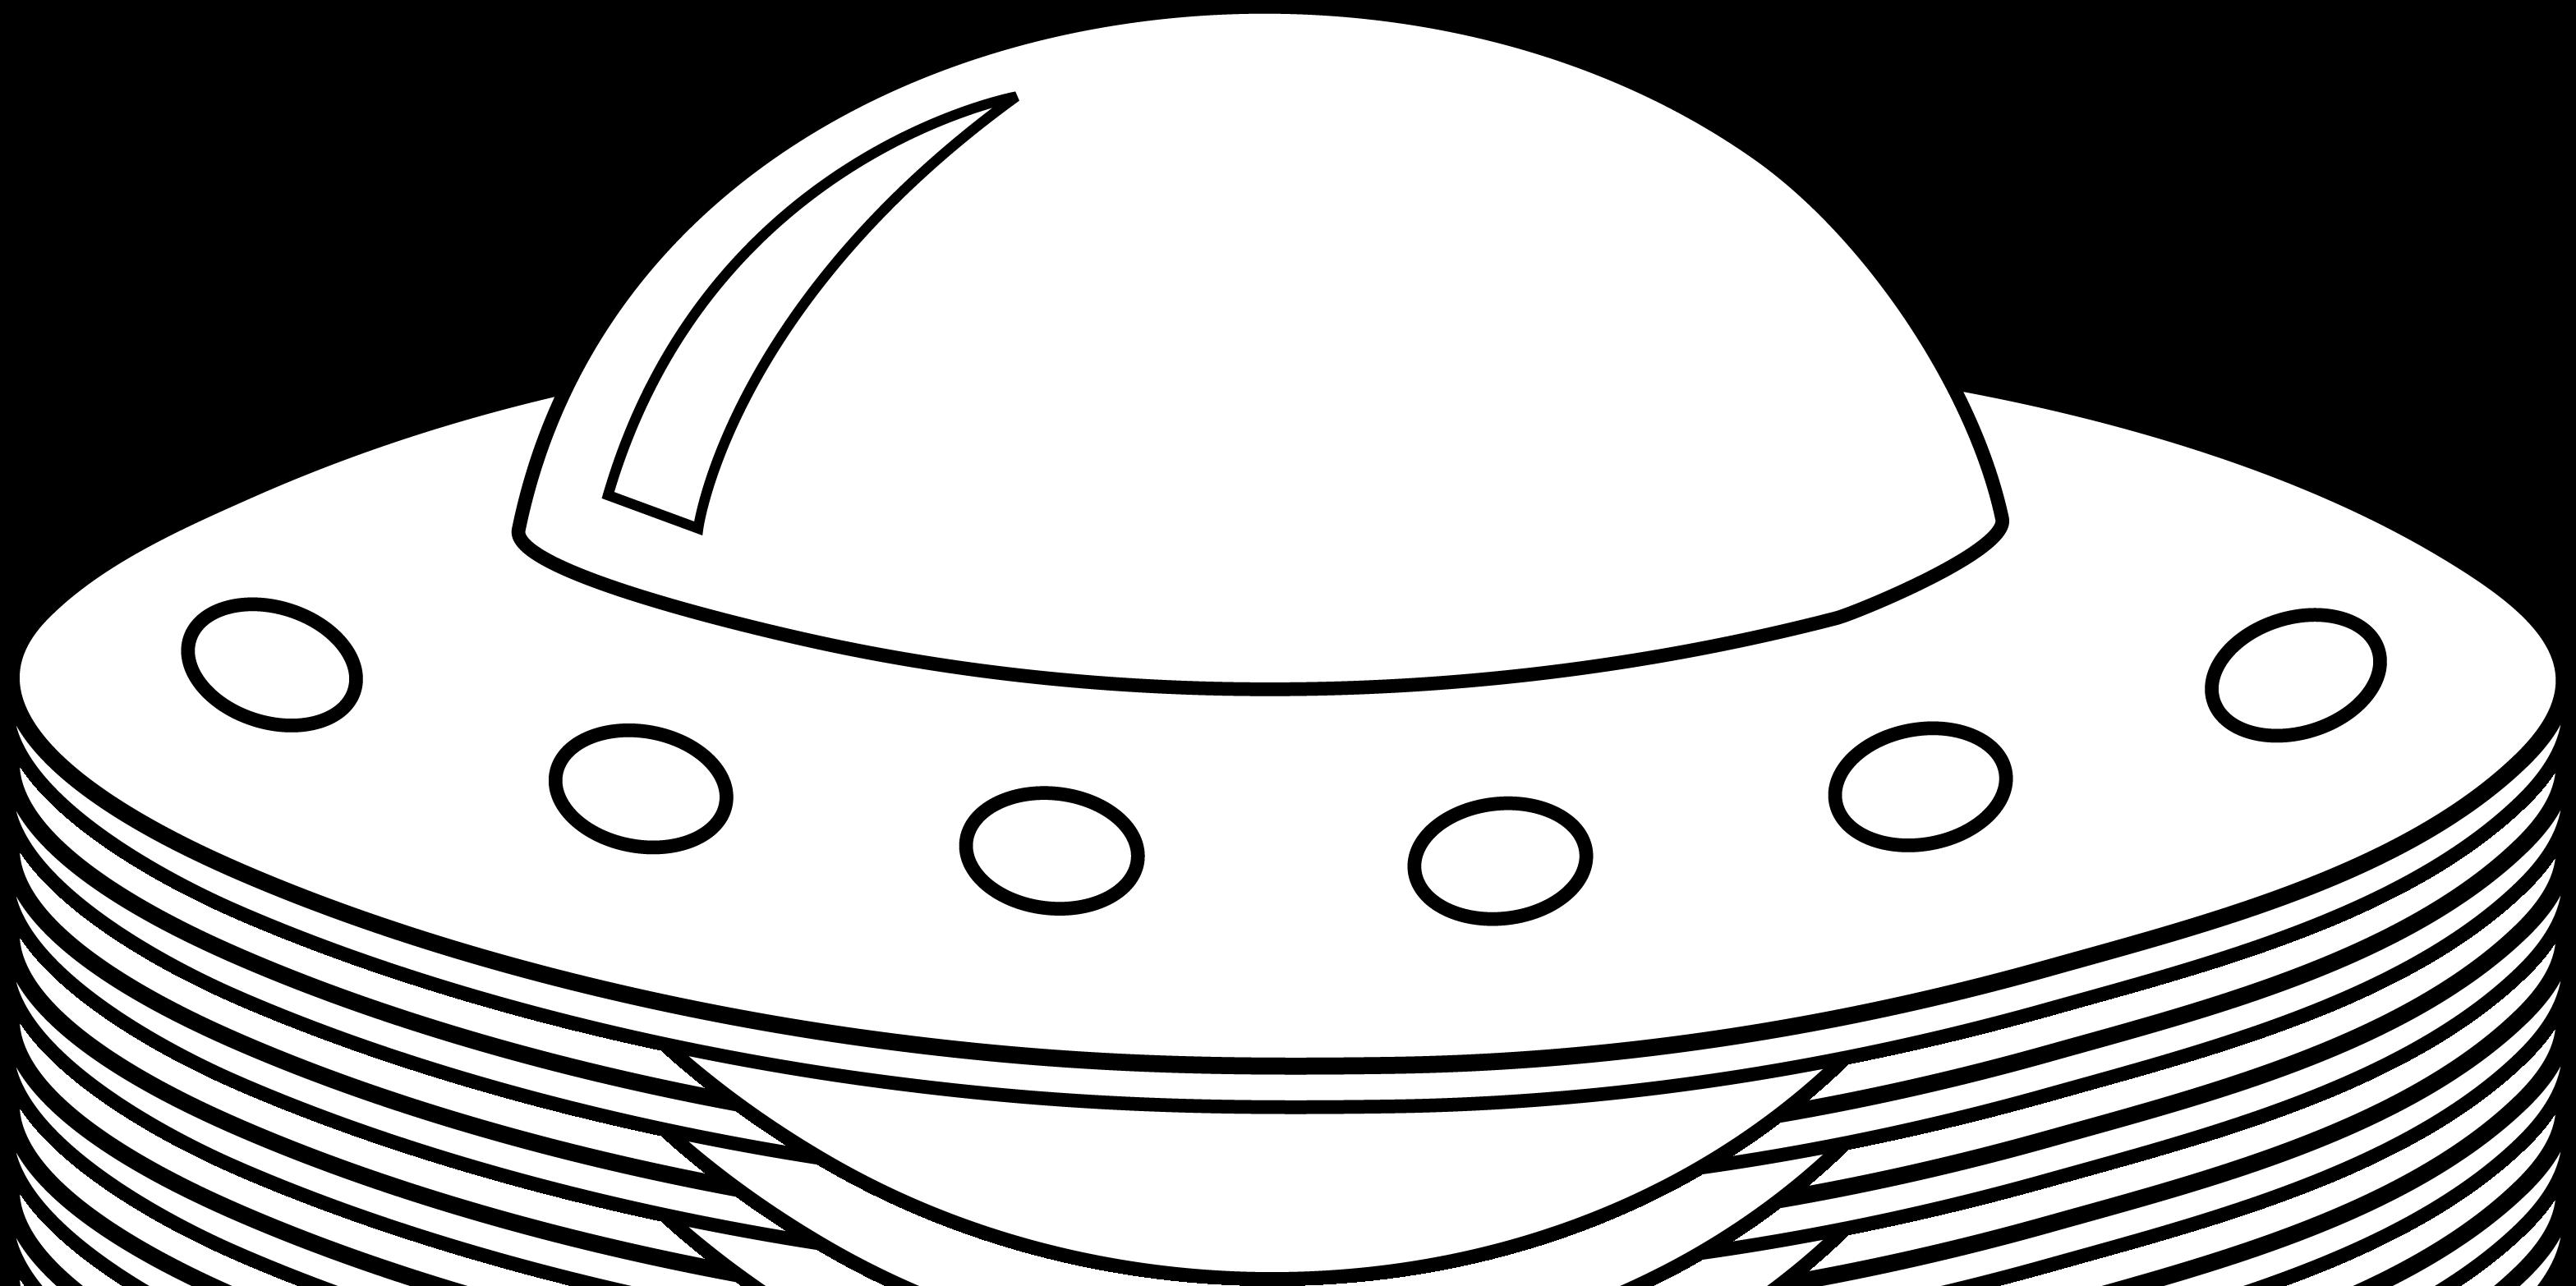 картинки космических тарелок помощью данной статьи